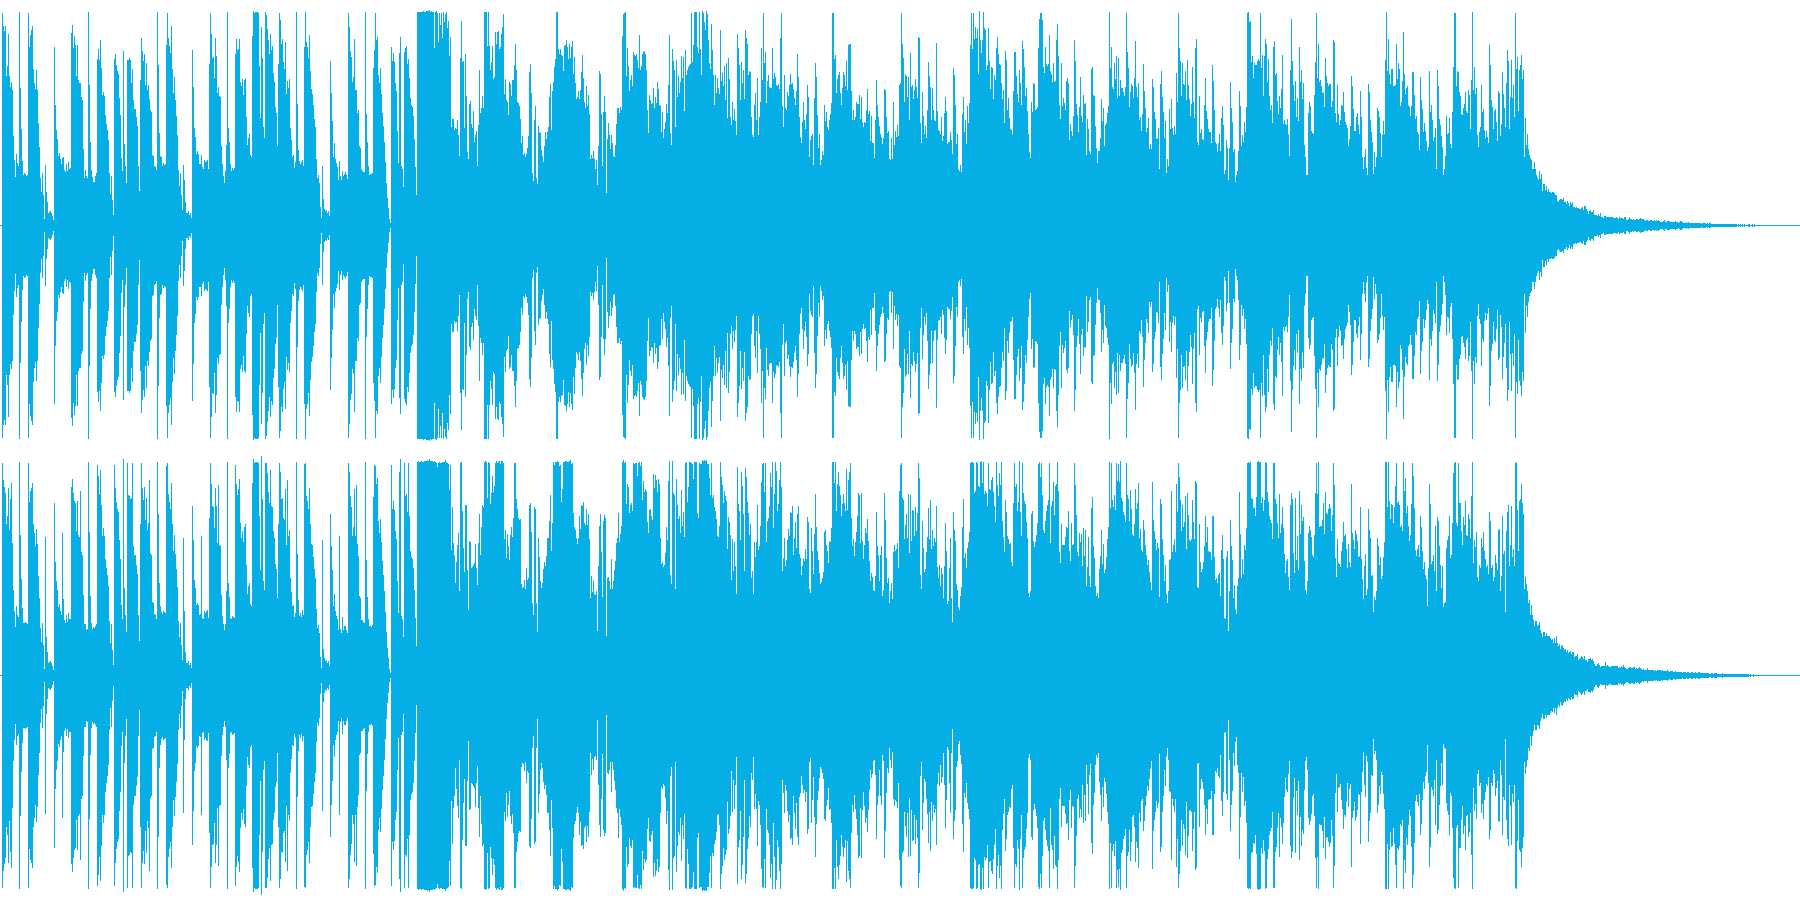 ライザップ風ボイスパーカッションの楽曲の再生済みの波形